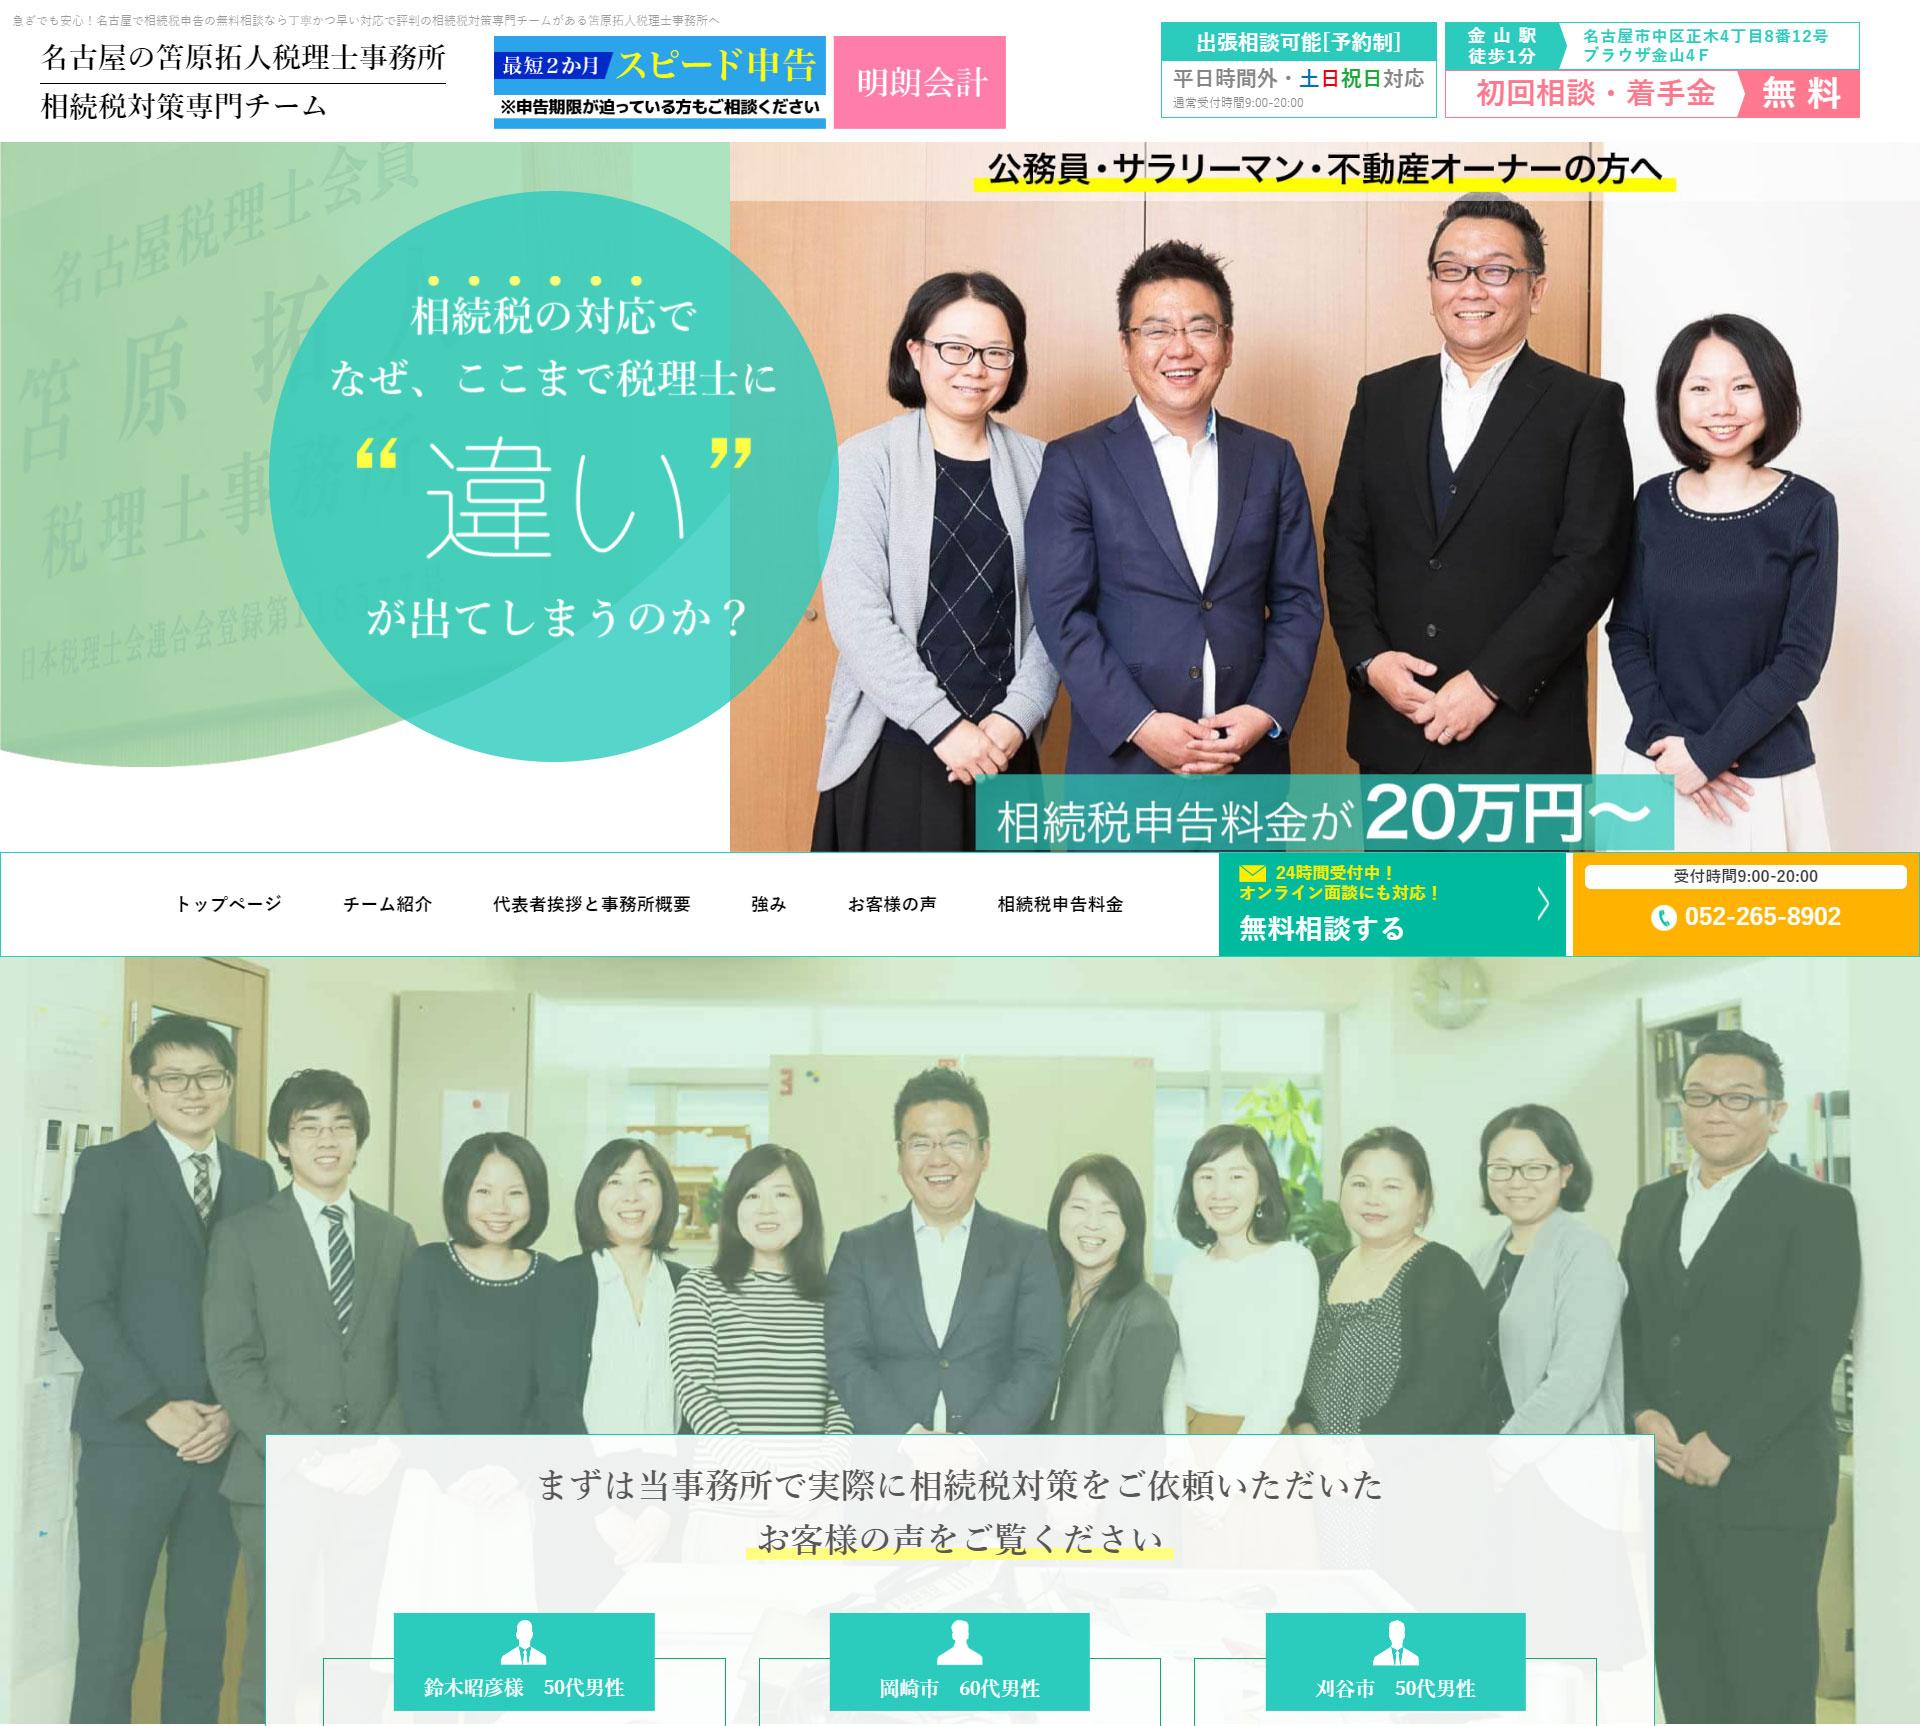 ホームページ制作実績笘原拓人税理士事務所様